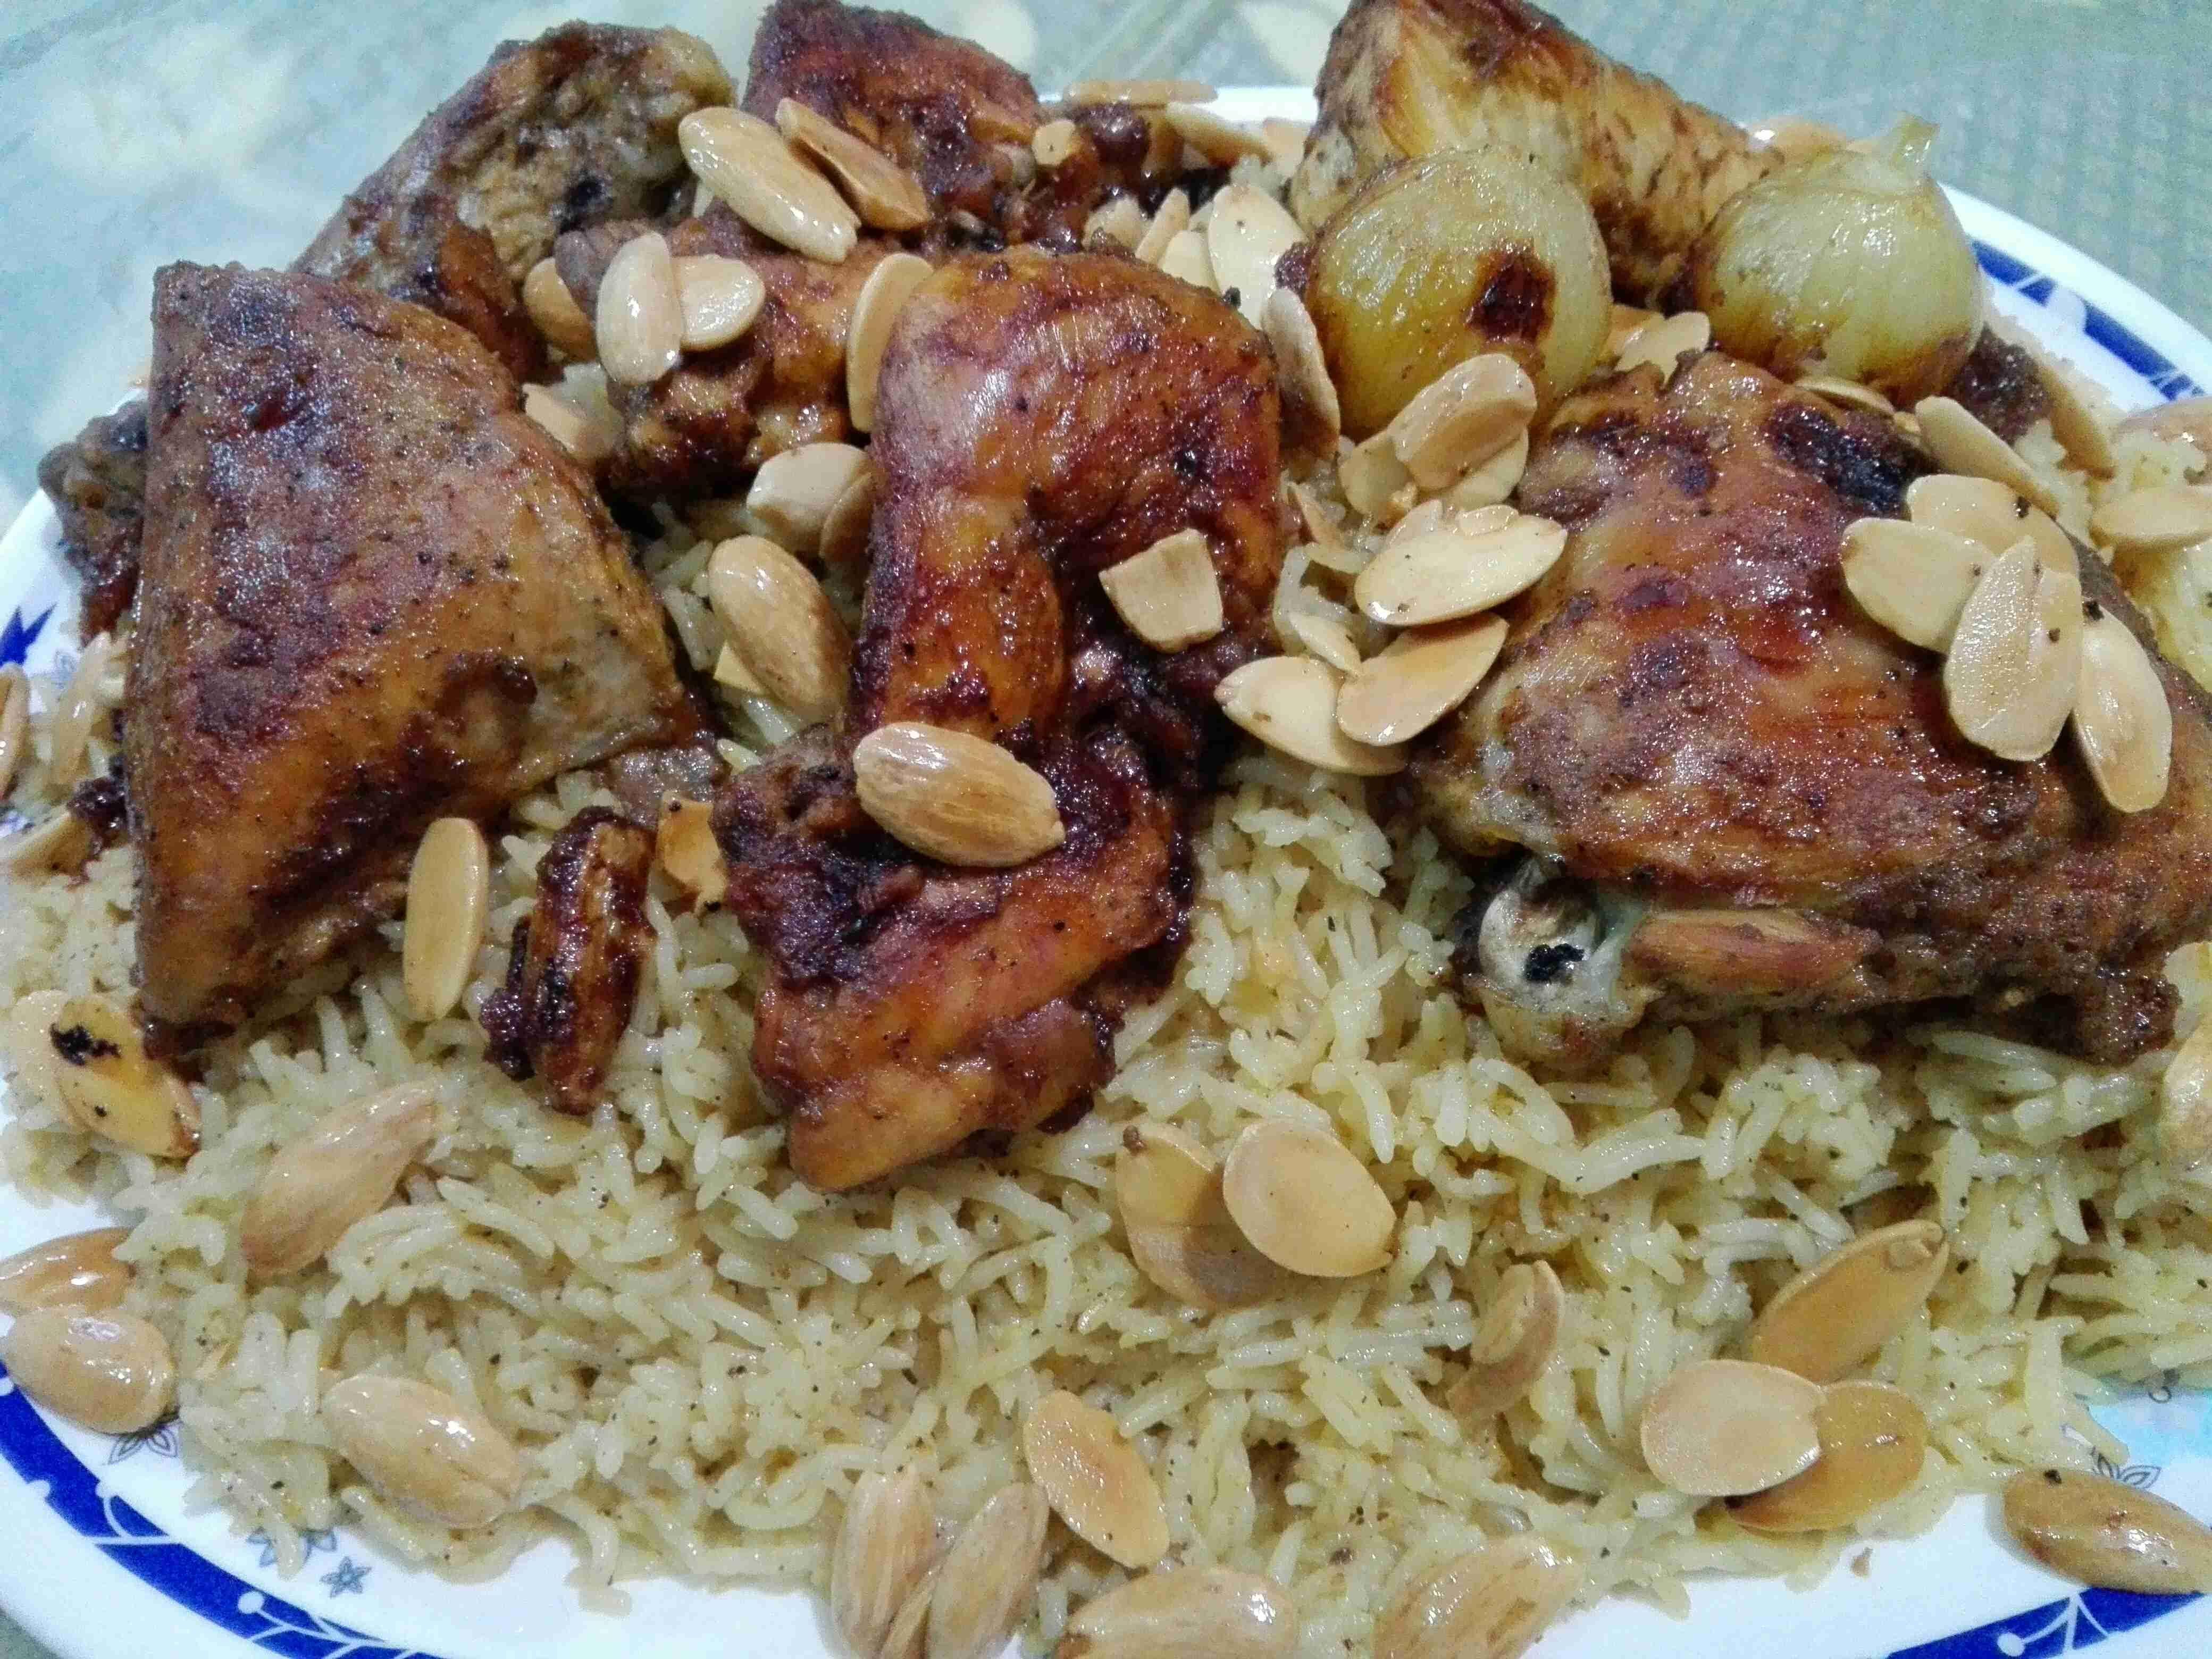 طريقة عمل الارز المكرمل مع الدجاج المشوي سلسة وصفاتي المشكله 8 زاكي Main Dishes Cooking Food